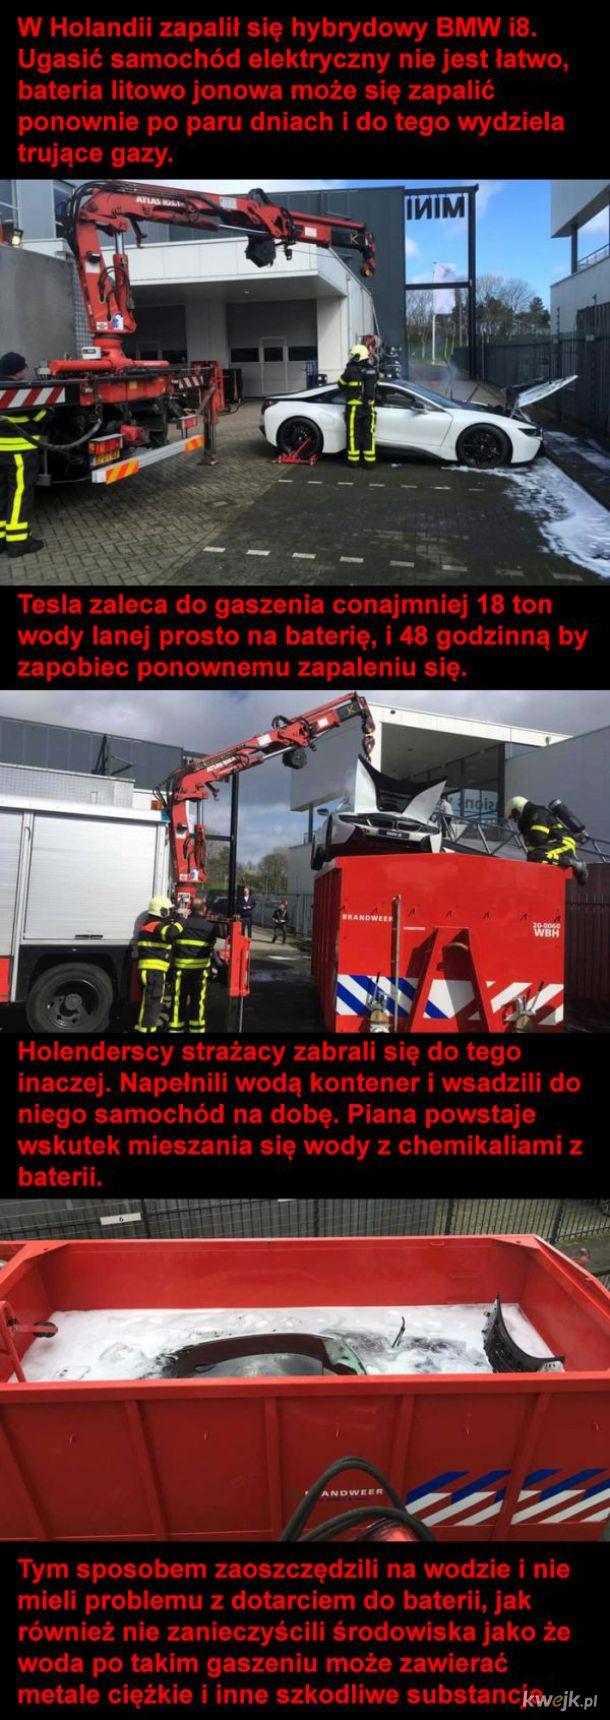 Pożar samochodu elektrycznego